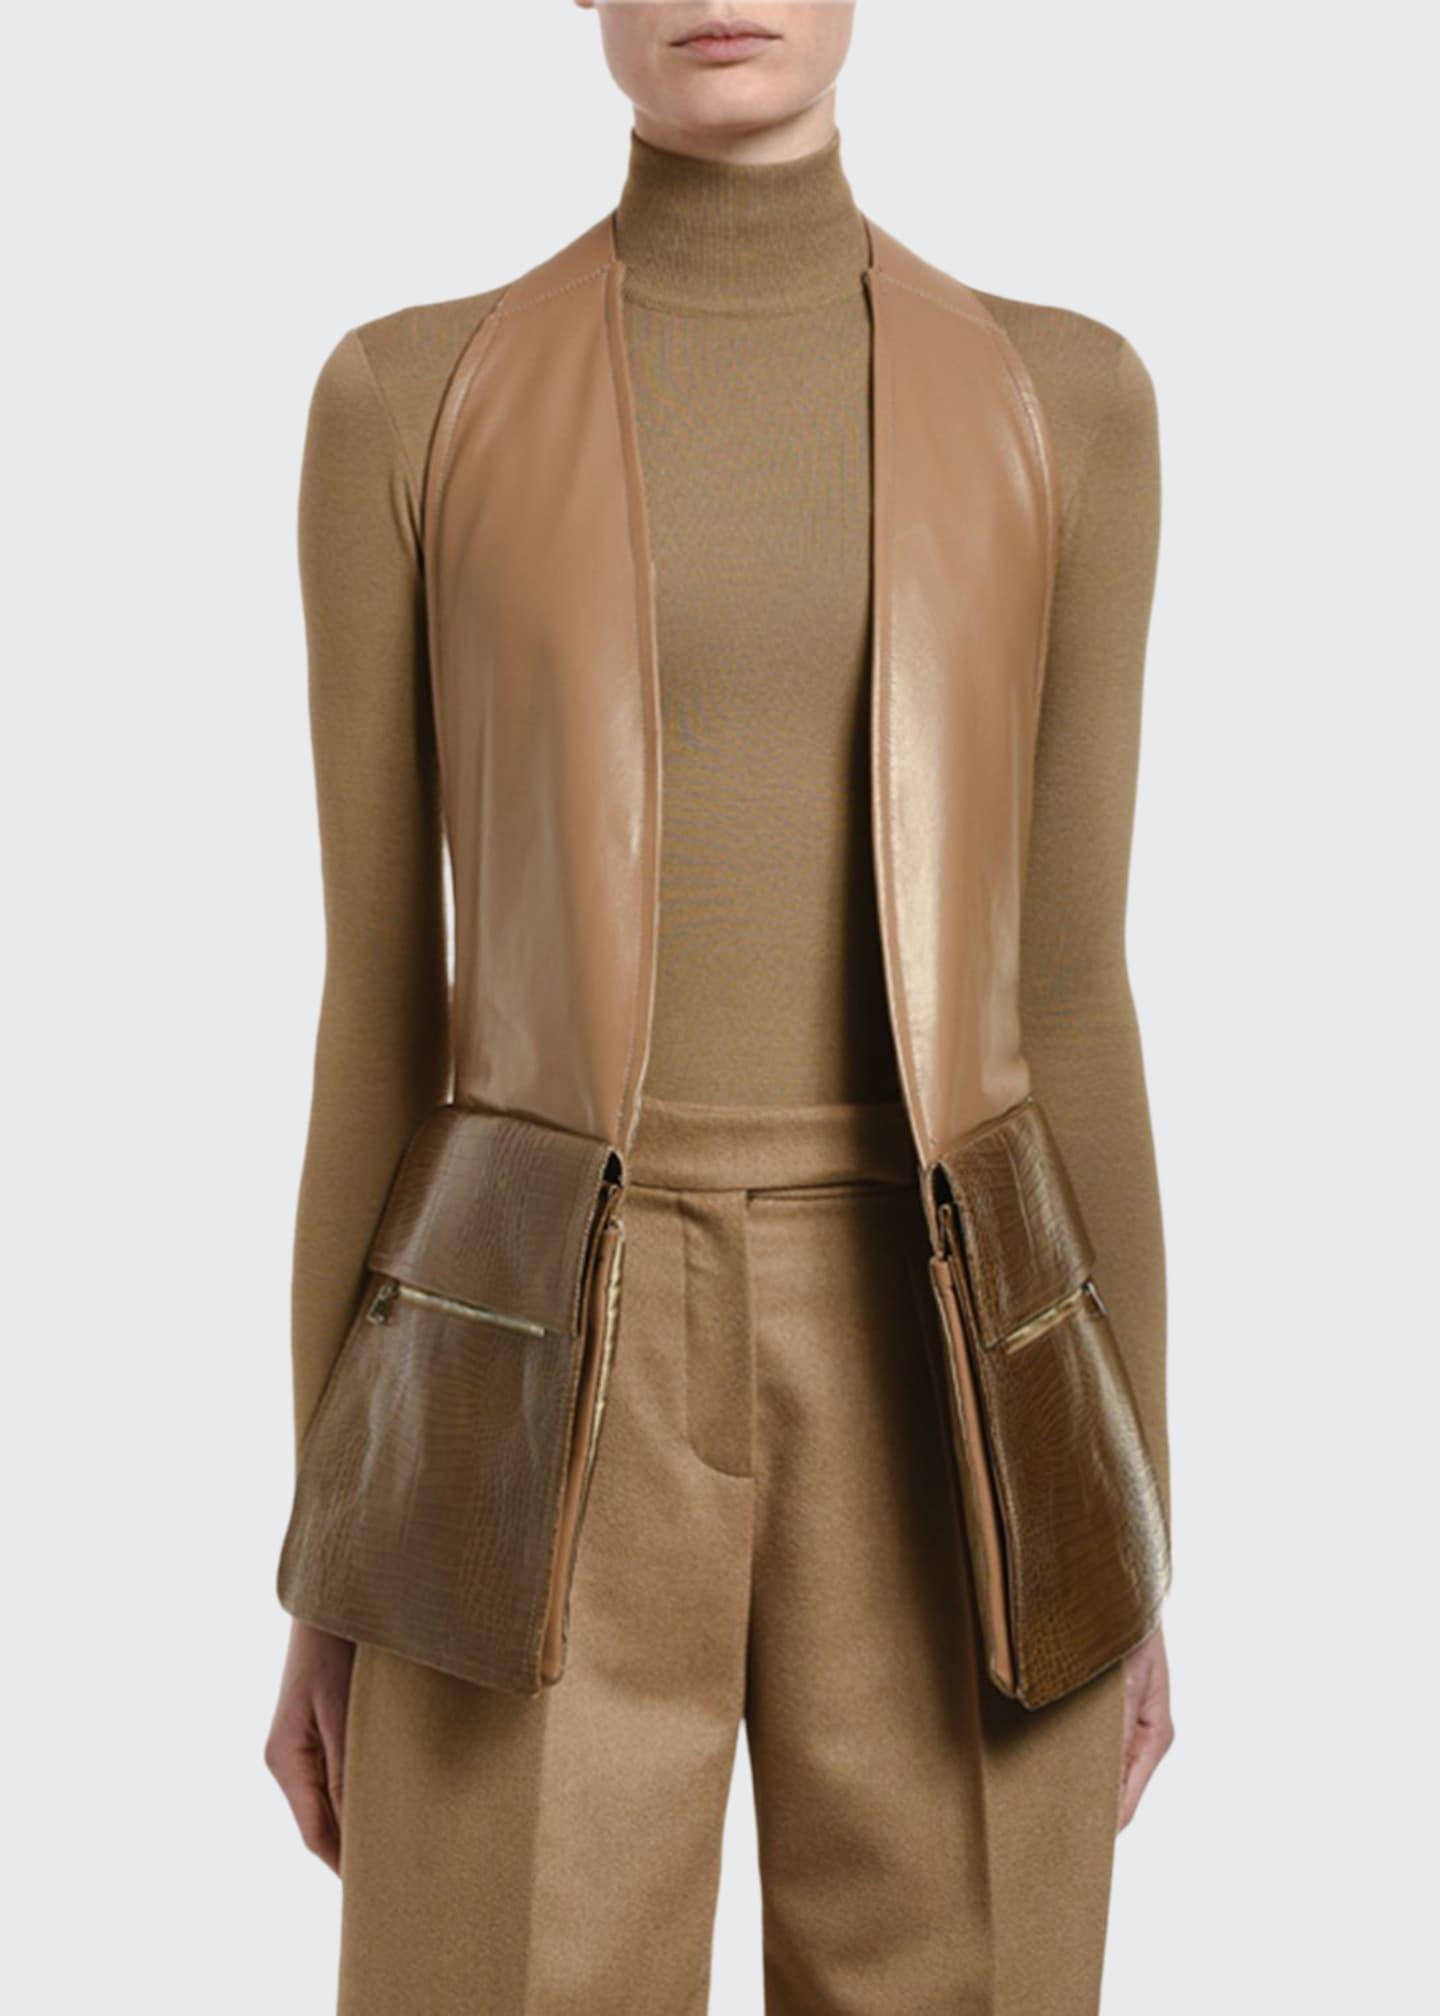 Maxmara Peirak Leather Gilet w/ Utility Pockets